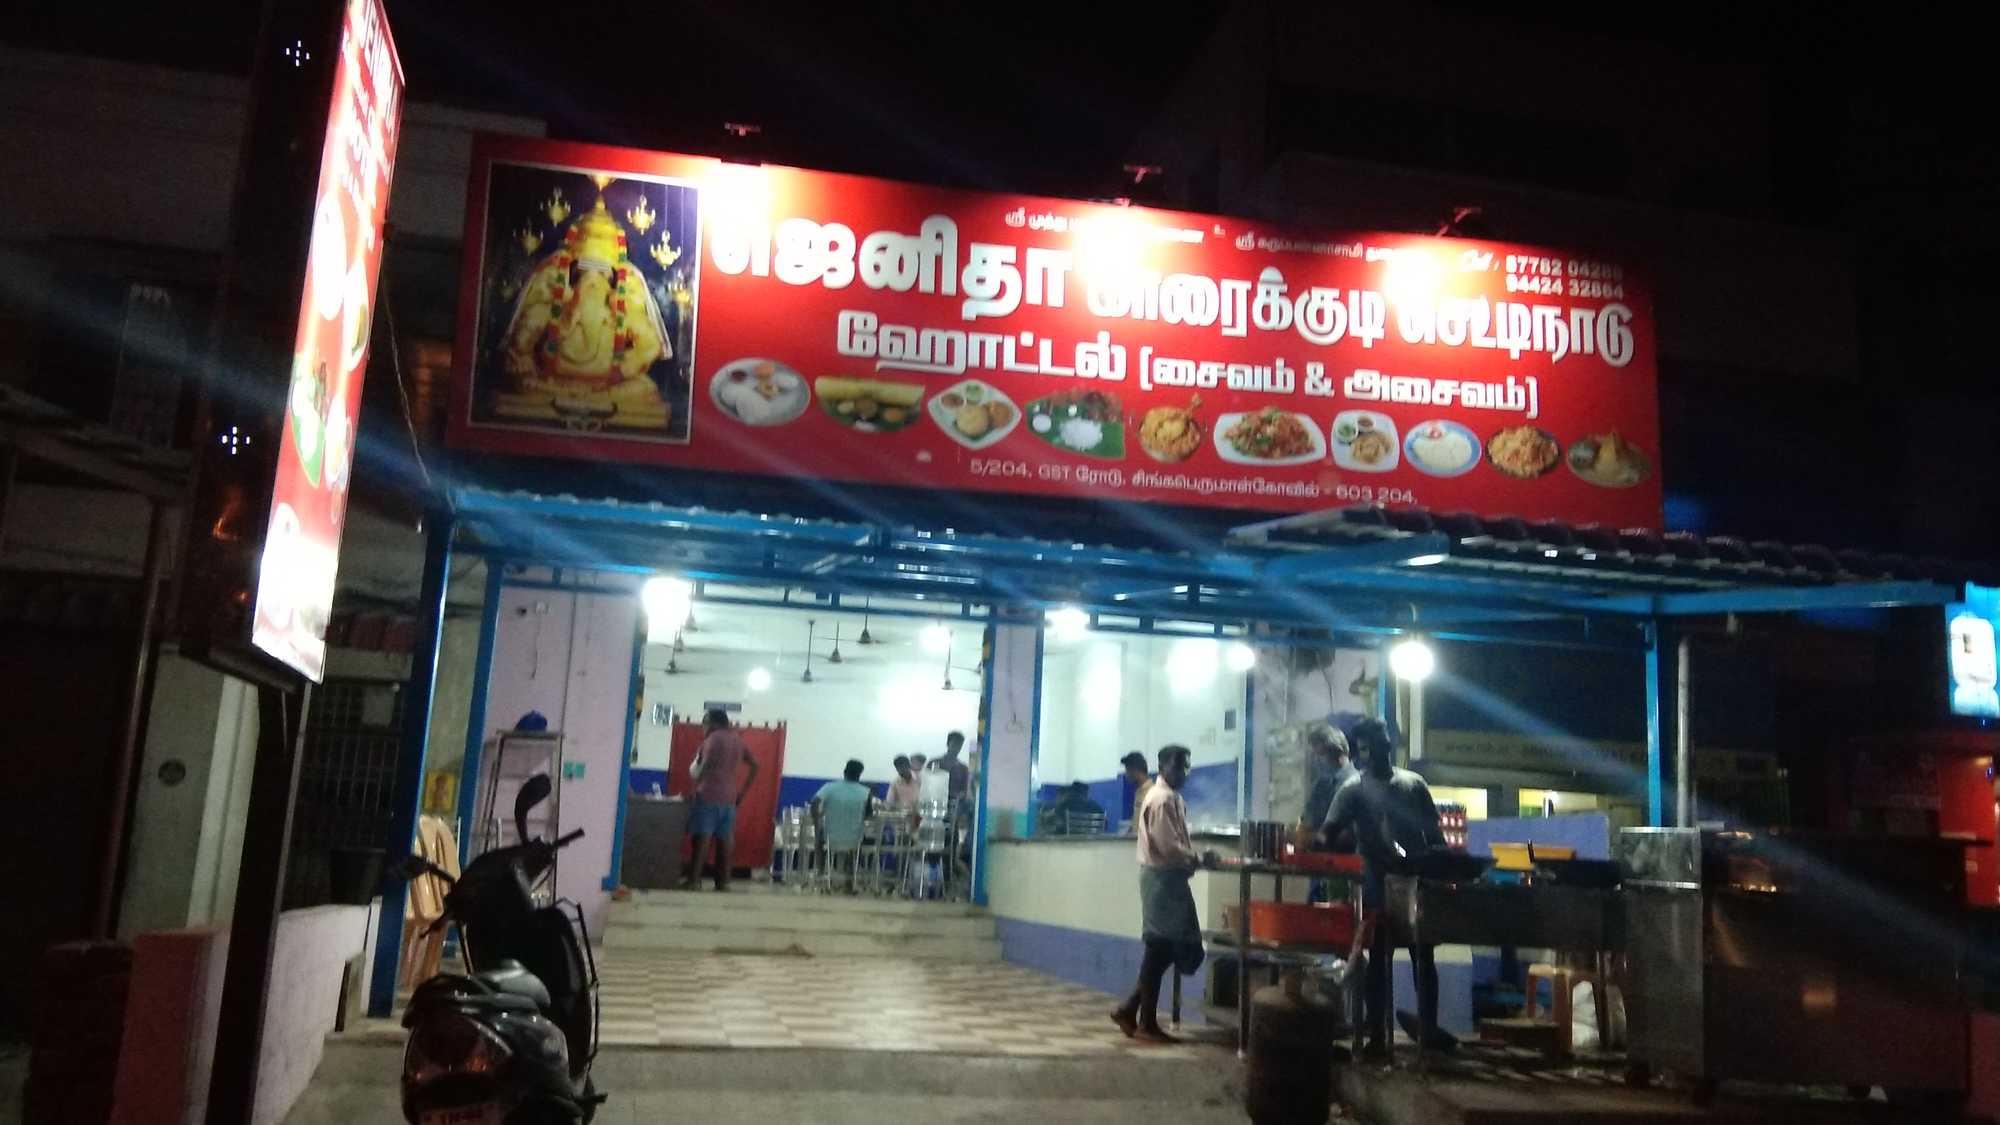 Top Restaurants In Chengalpattu Serving Buffet Buffet